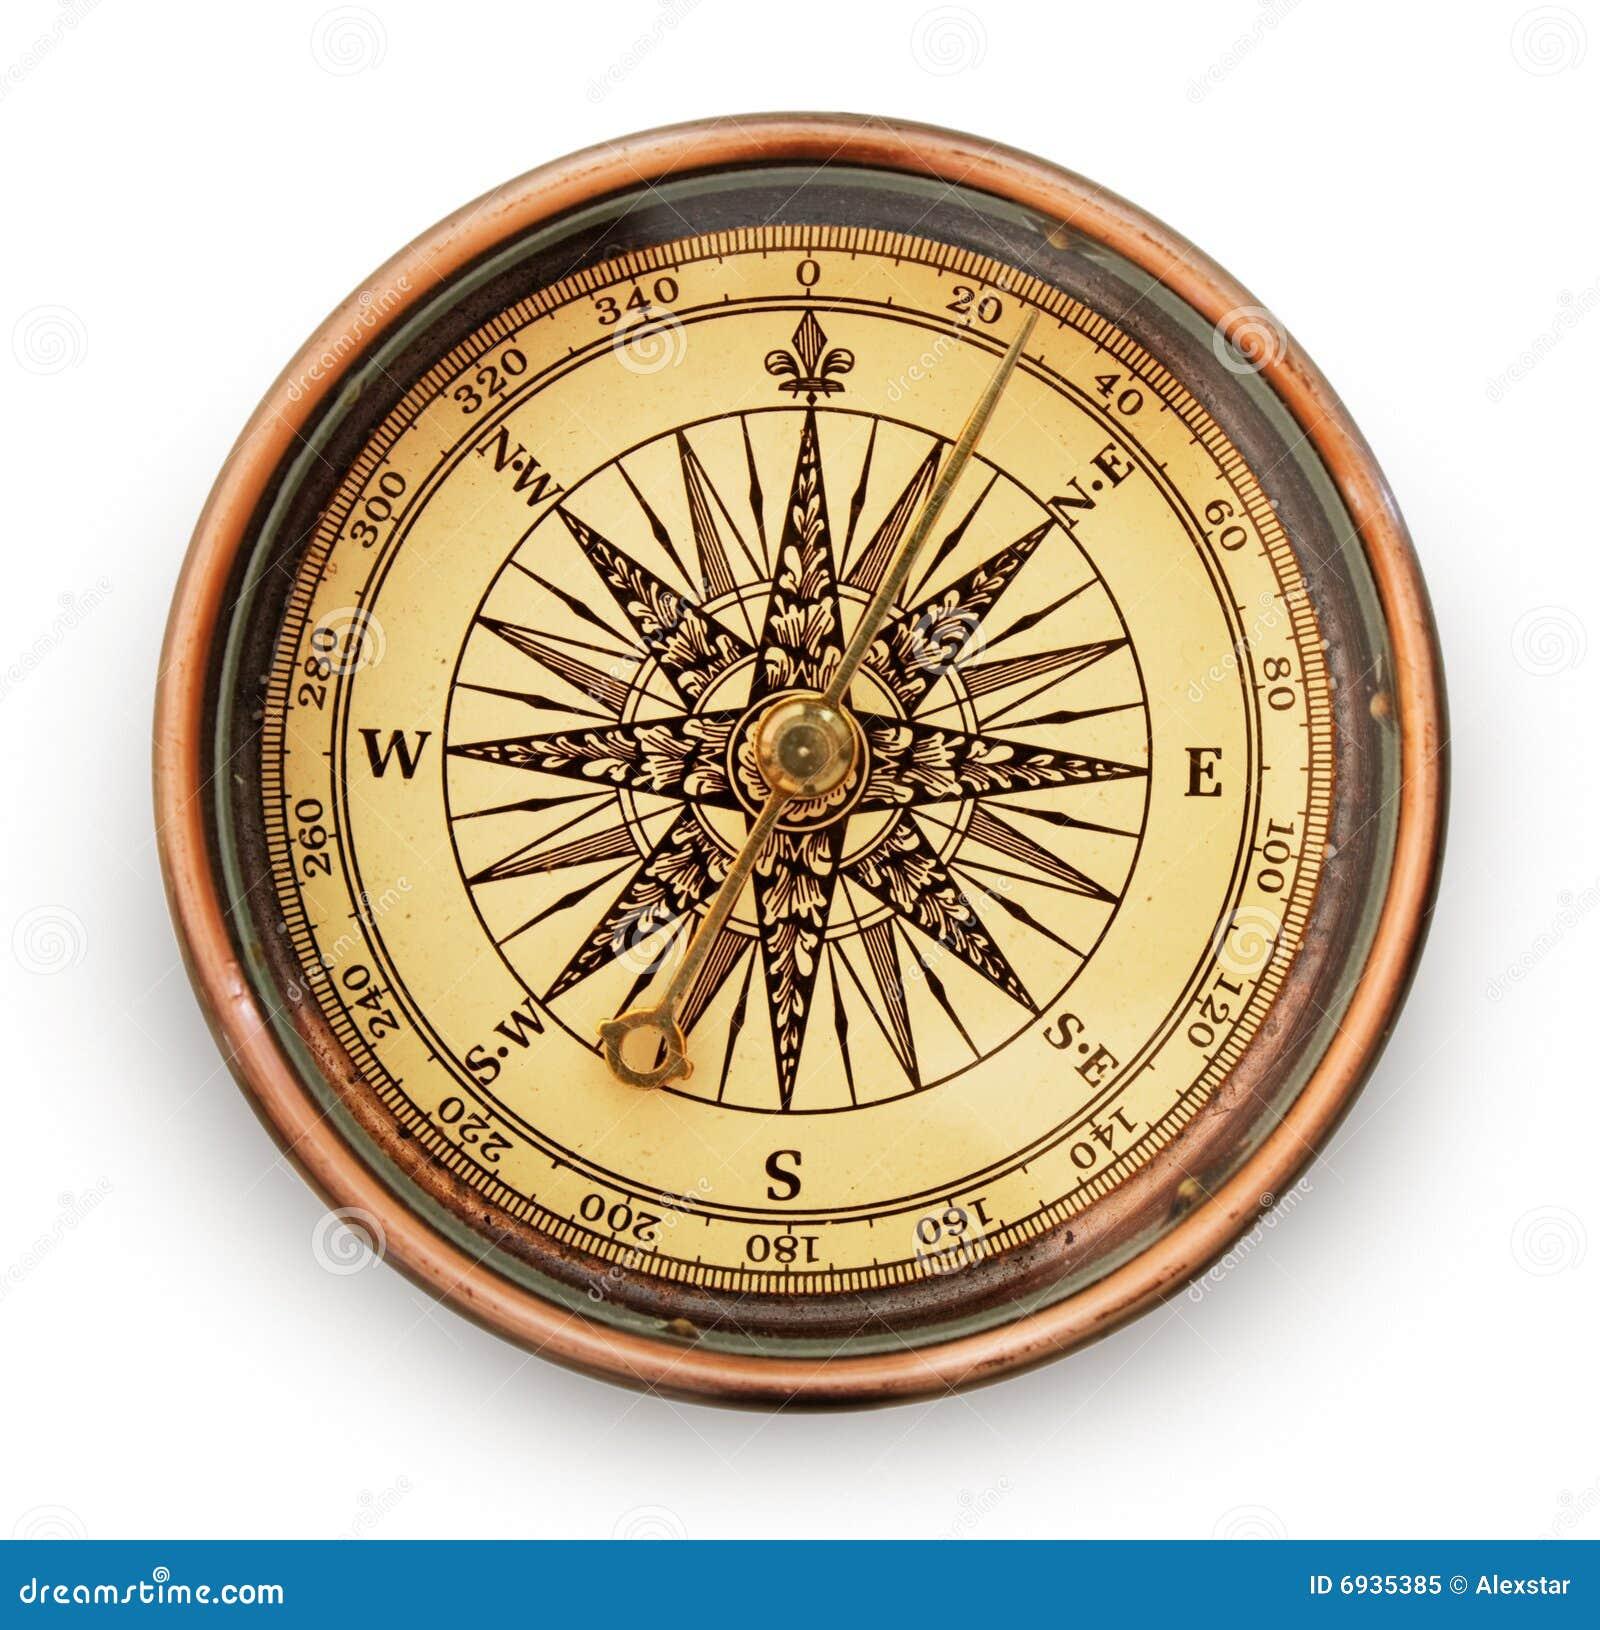 Vintage Compasses 115